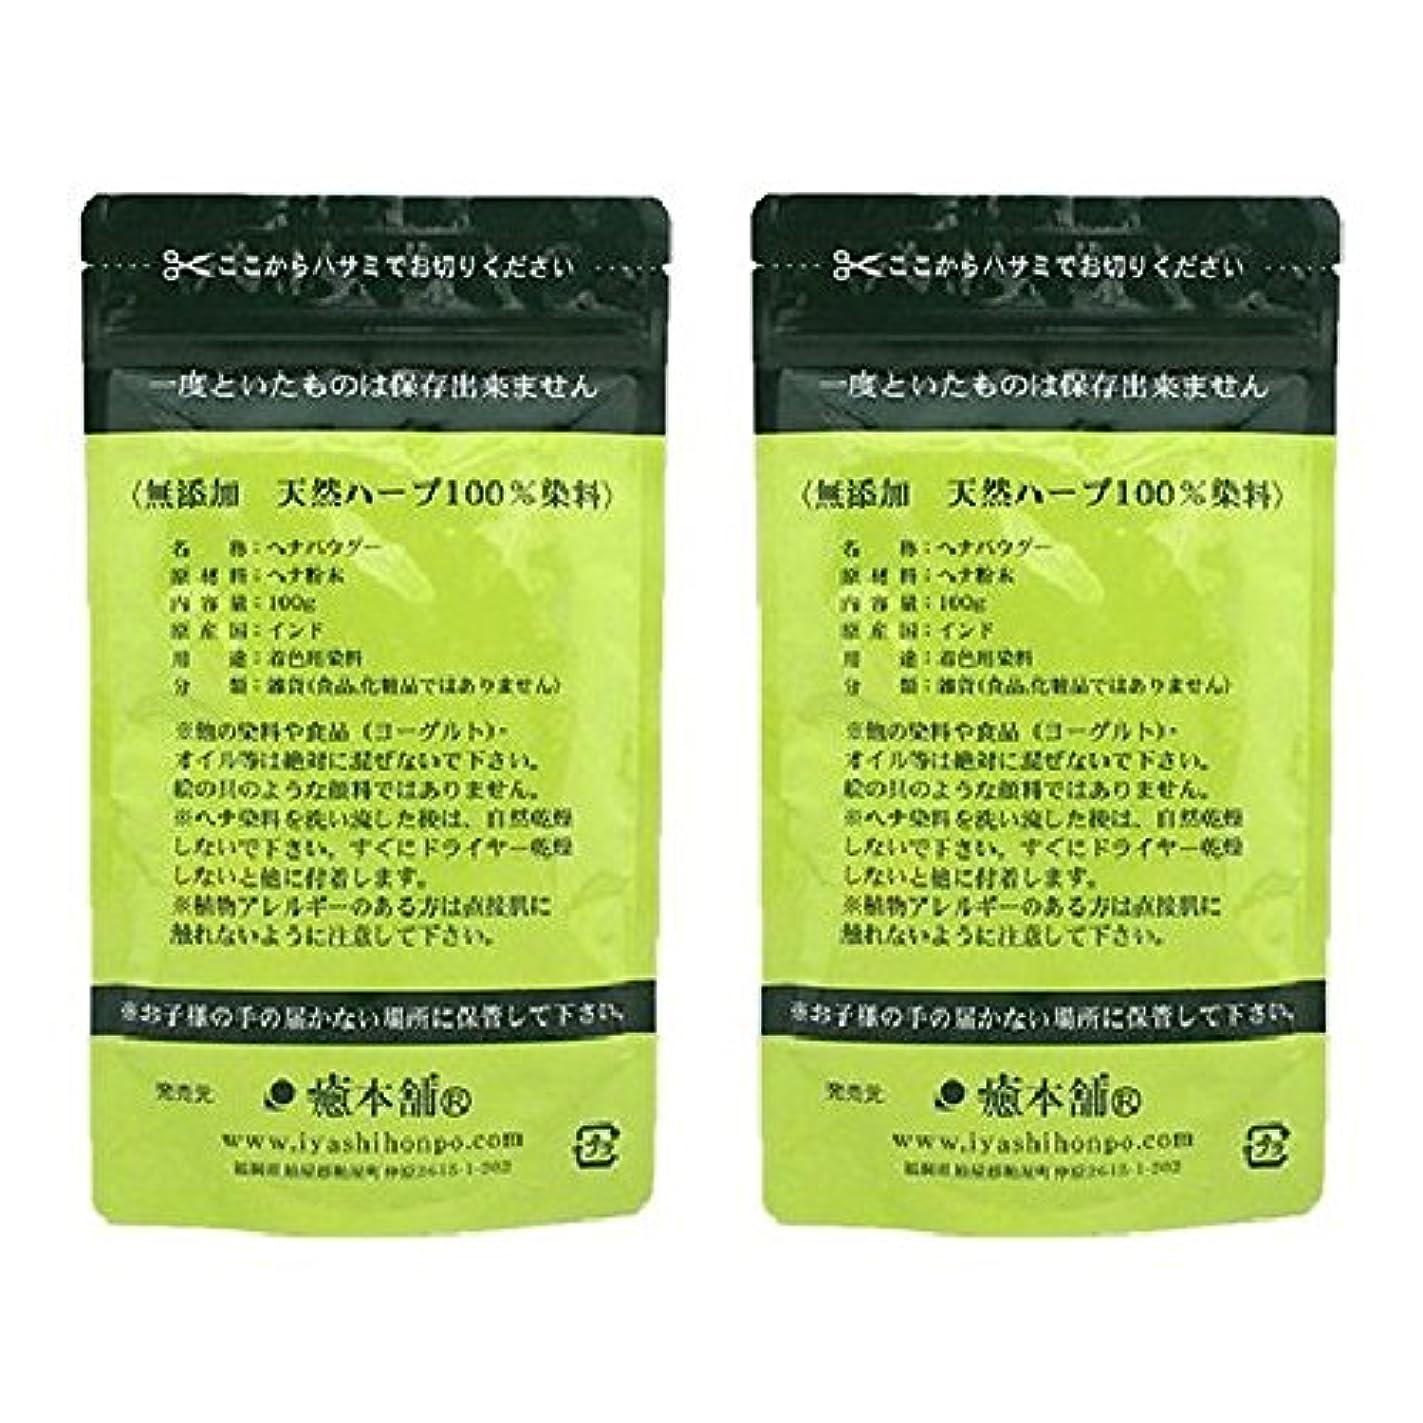 針アーサーコナンドイル排泄する天然染料100% 癒本舗 ヘナ 100g×2個セット 白髪染め ノンシリコン ヘアカラー ヘナカラー